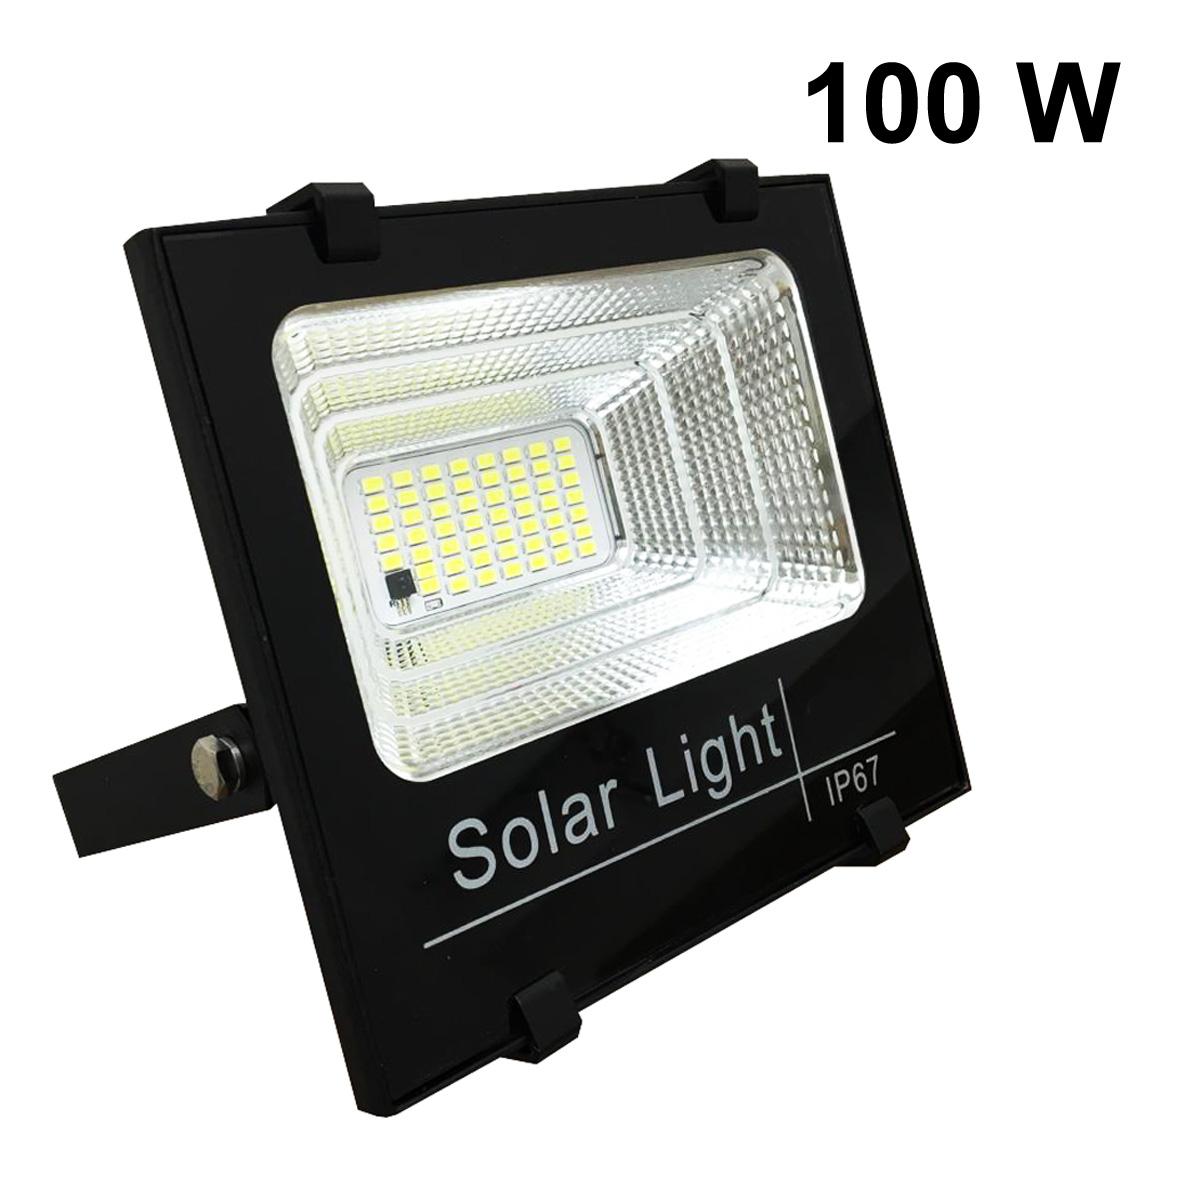 Luce Per Esterno Con Pannello Solare.Fe60 100w Led Da Esterno Silamp Proiettore Faro A